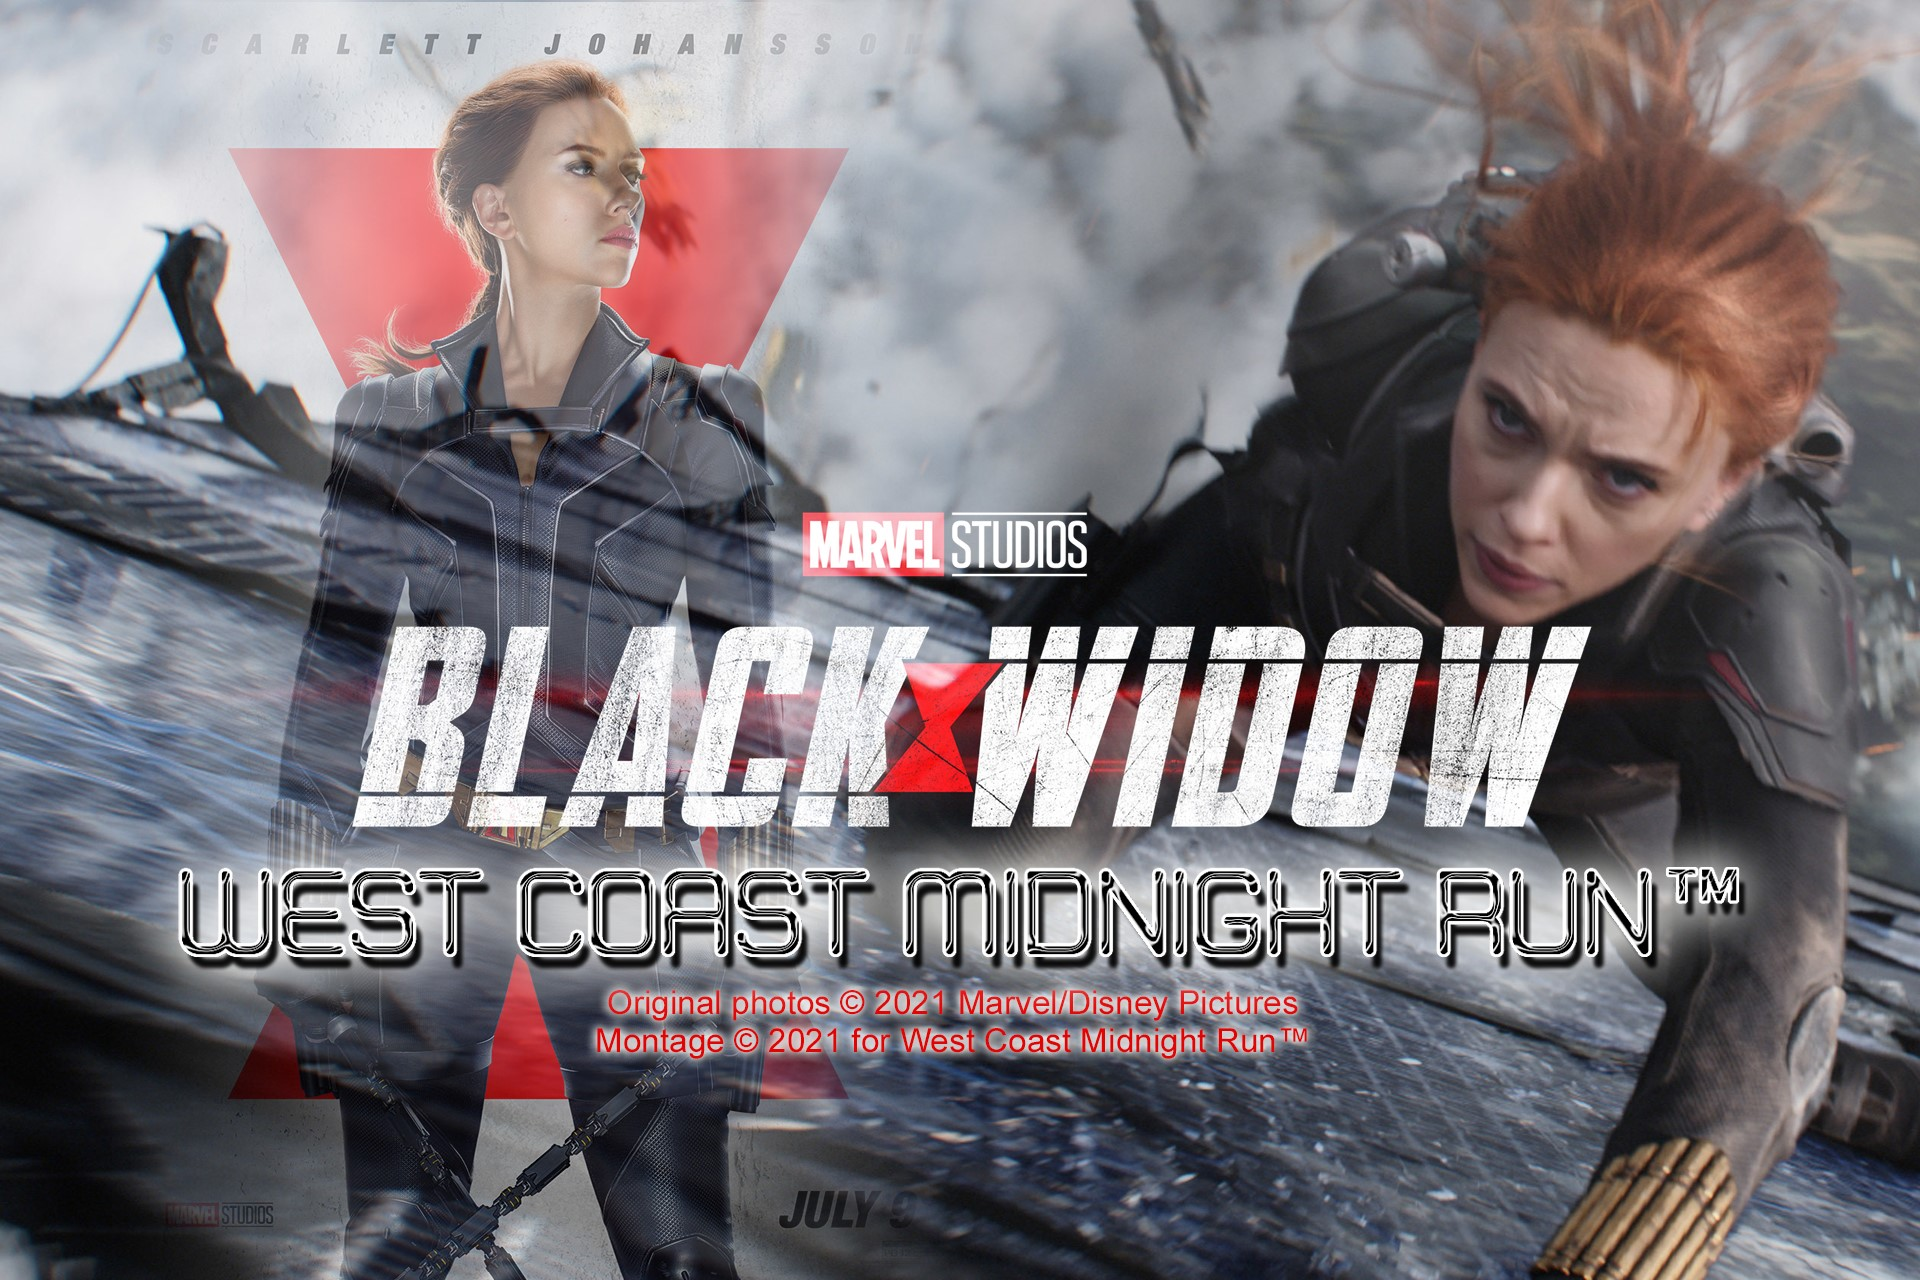 Black Widow Sky High